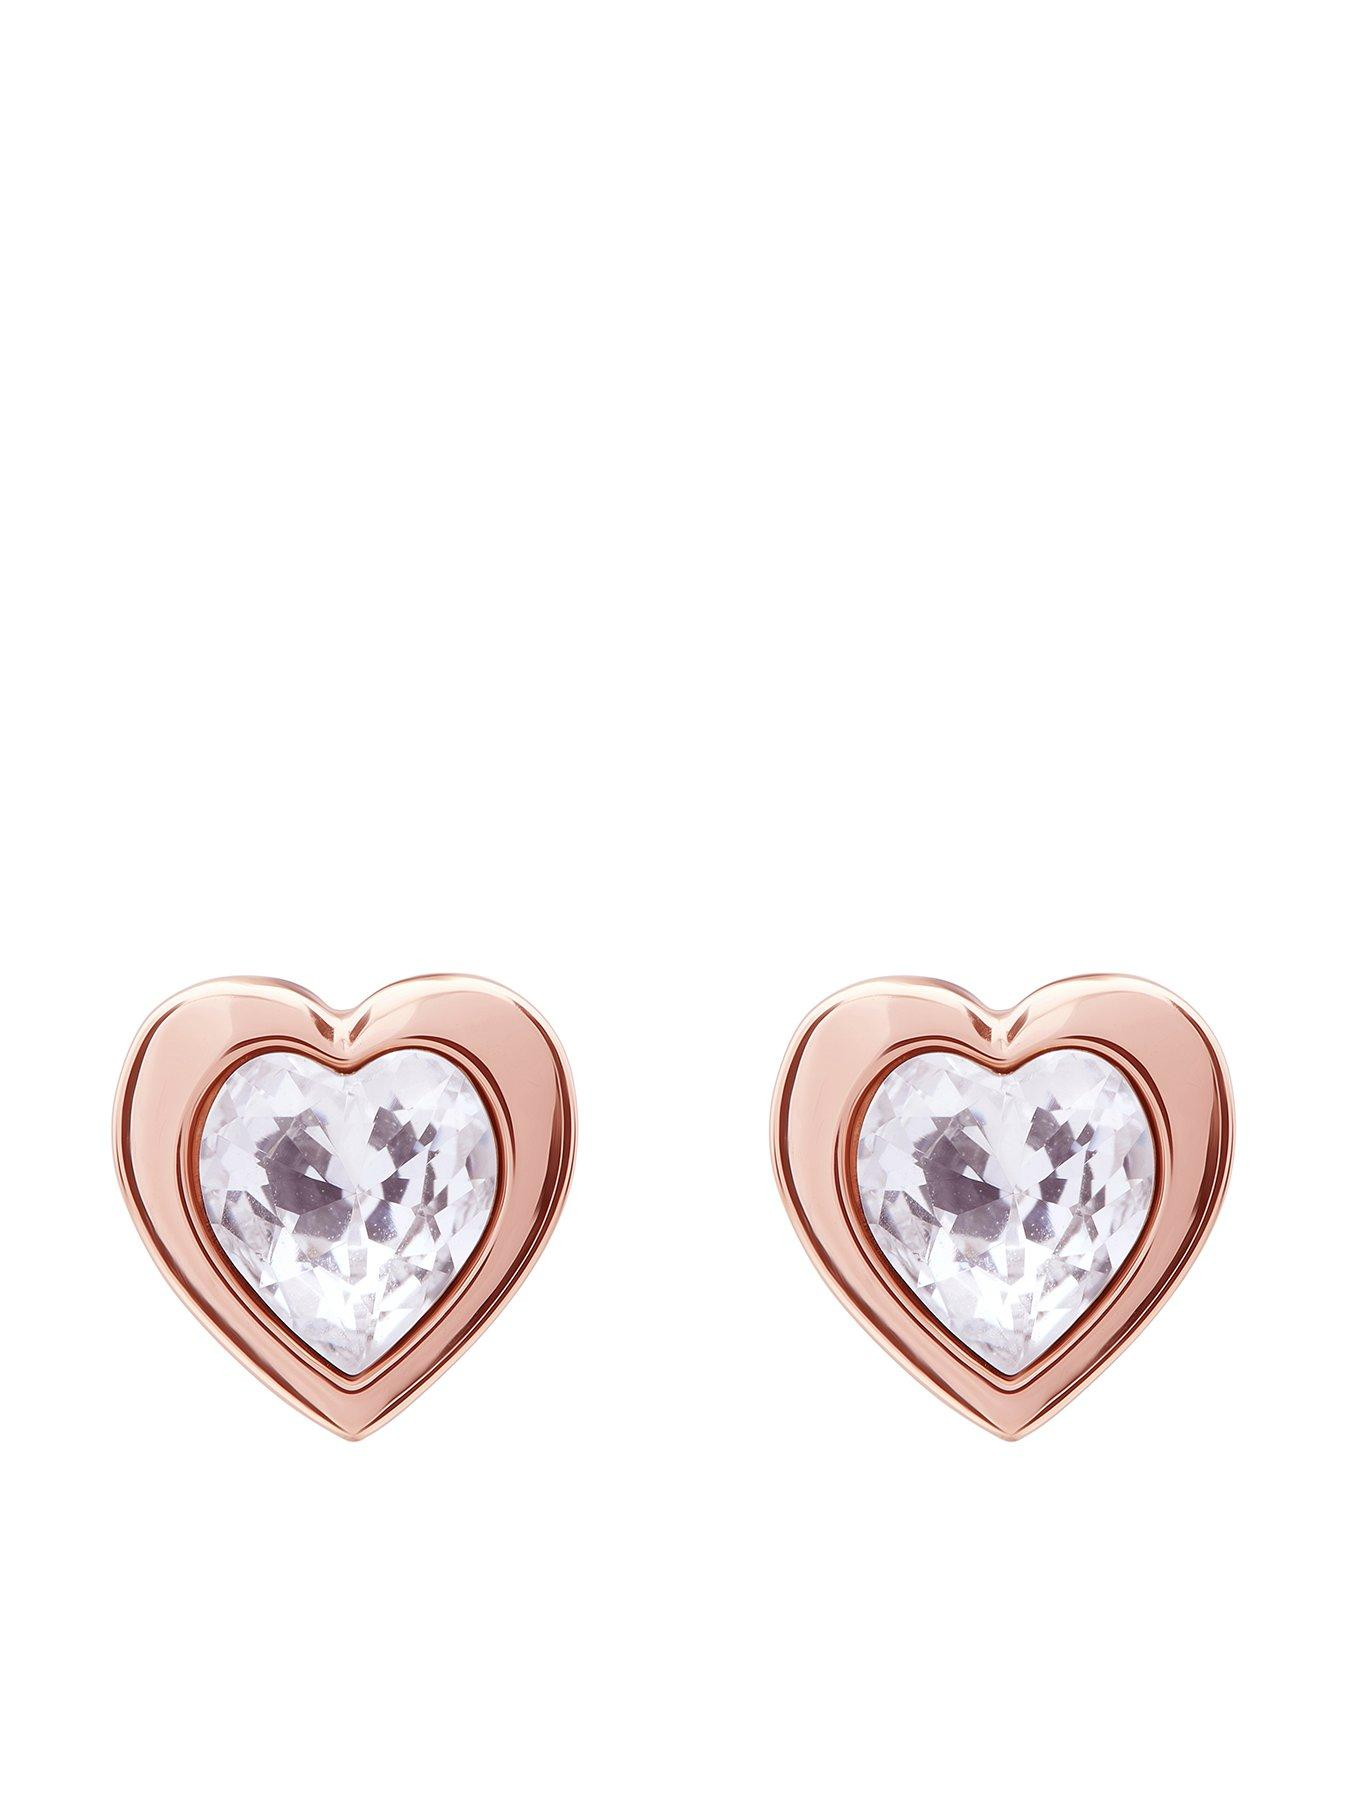 Fan effect love heart earring studs 925 sterling silver mix n match